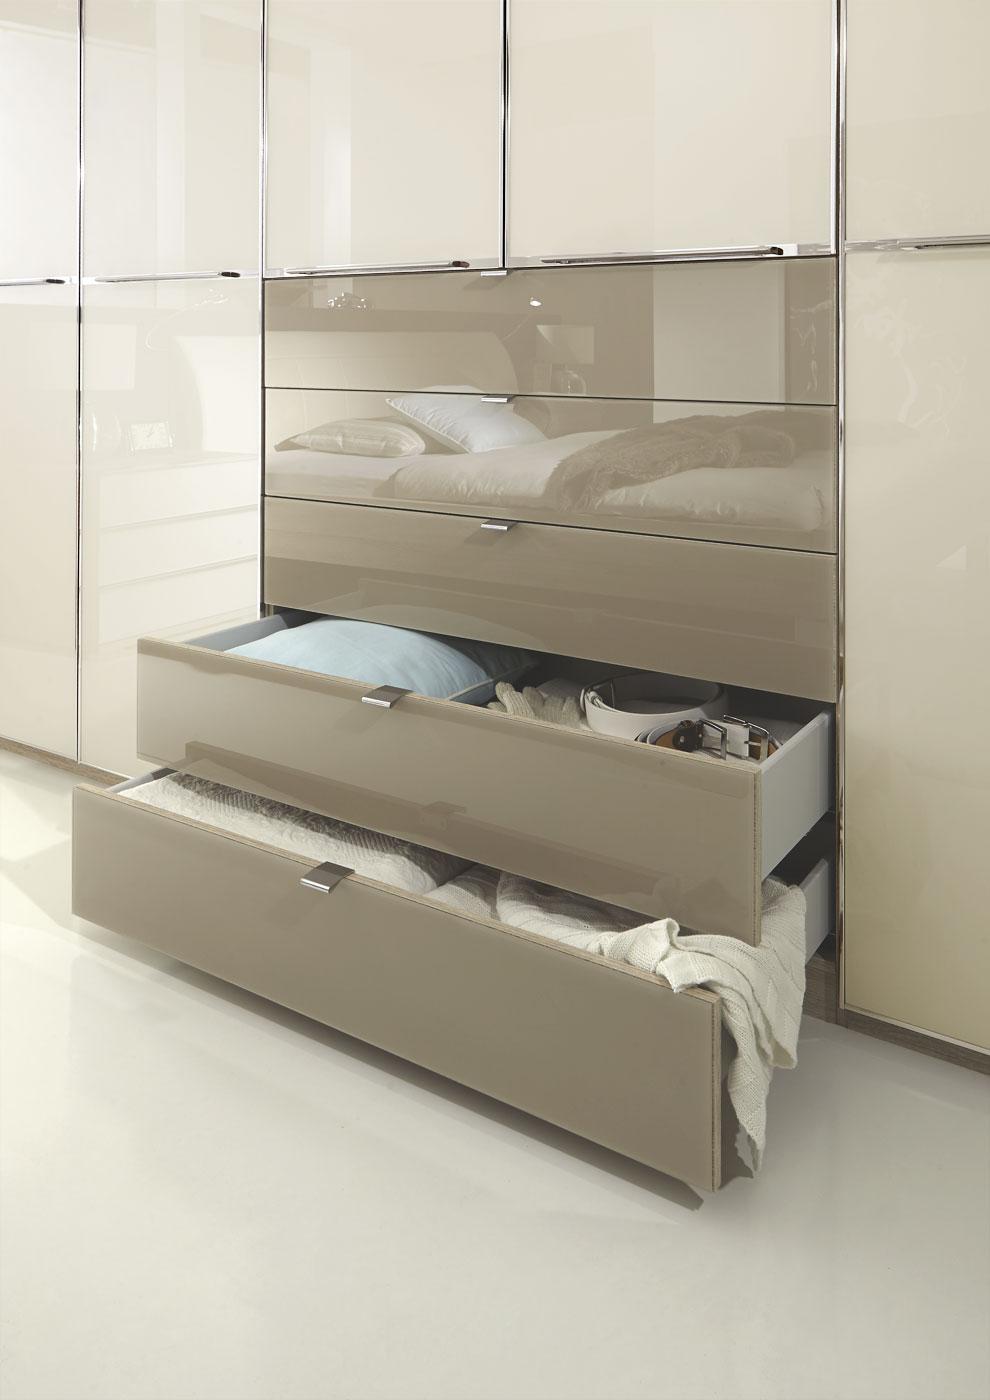 moderner dreht renschrank in eiche s gerau dekor mit glas. Black Bedroom Furniture Sets. Home Design Ideas